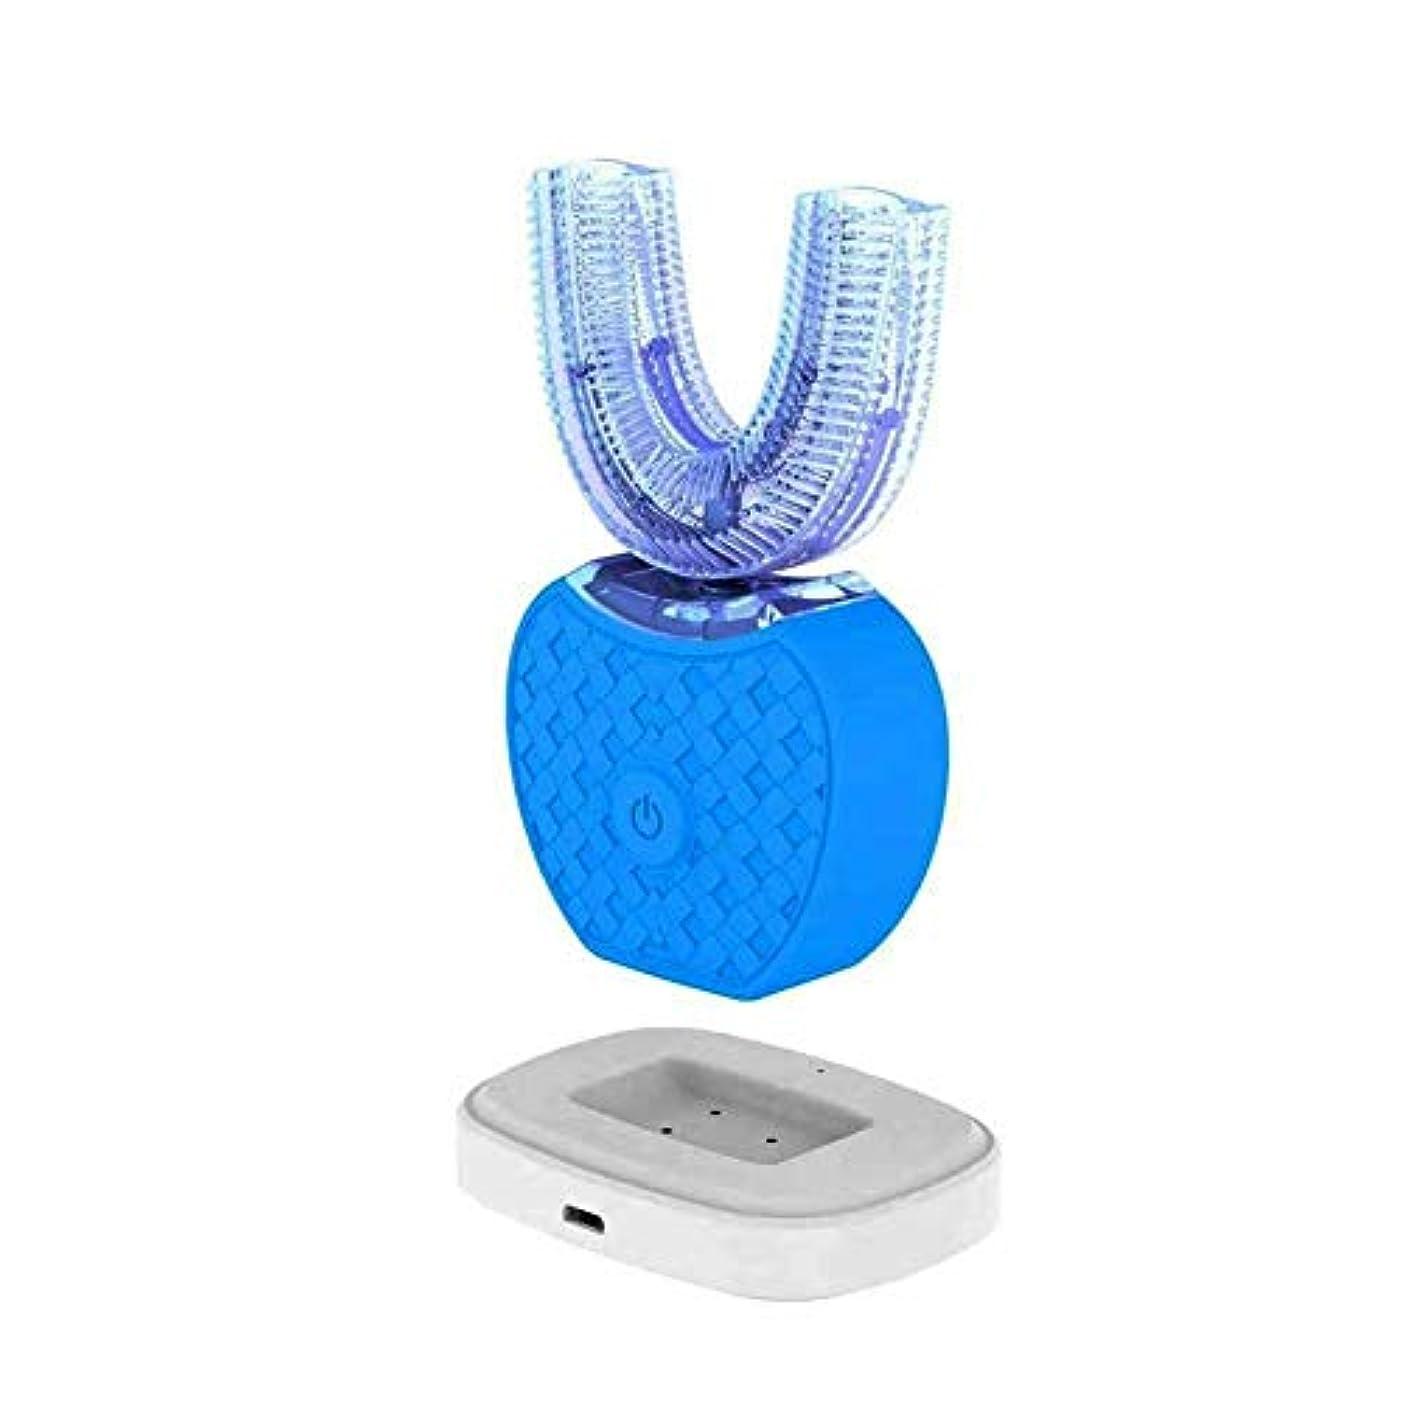 病気豊かな極小新しい電動歯ブラシ、V-white超音波歯ブラシは全自動で360°全方位で洗浄して、歯をきれいにして、歯茎をマッサージして、美白します。 (ブルー) [並行輸入品]